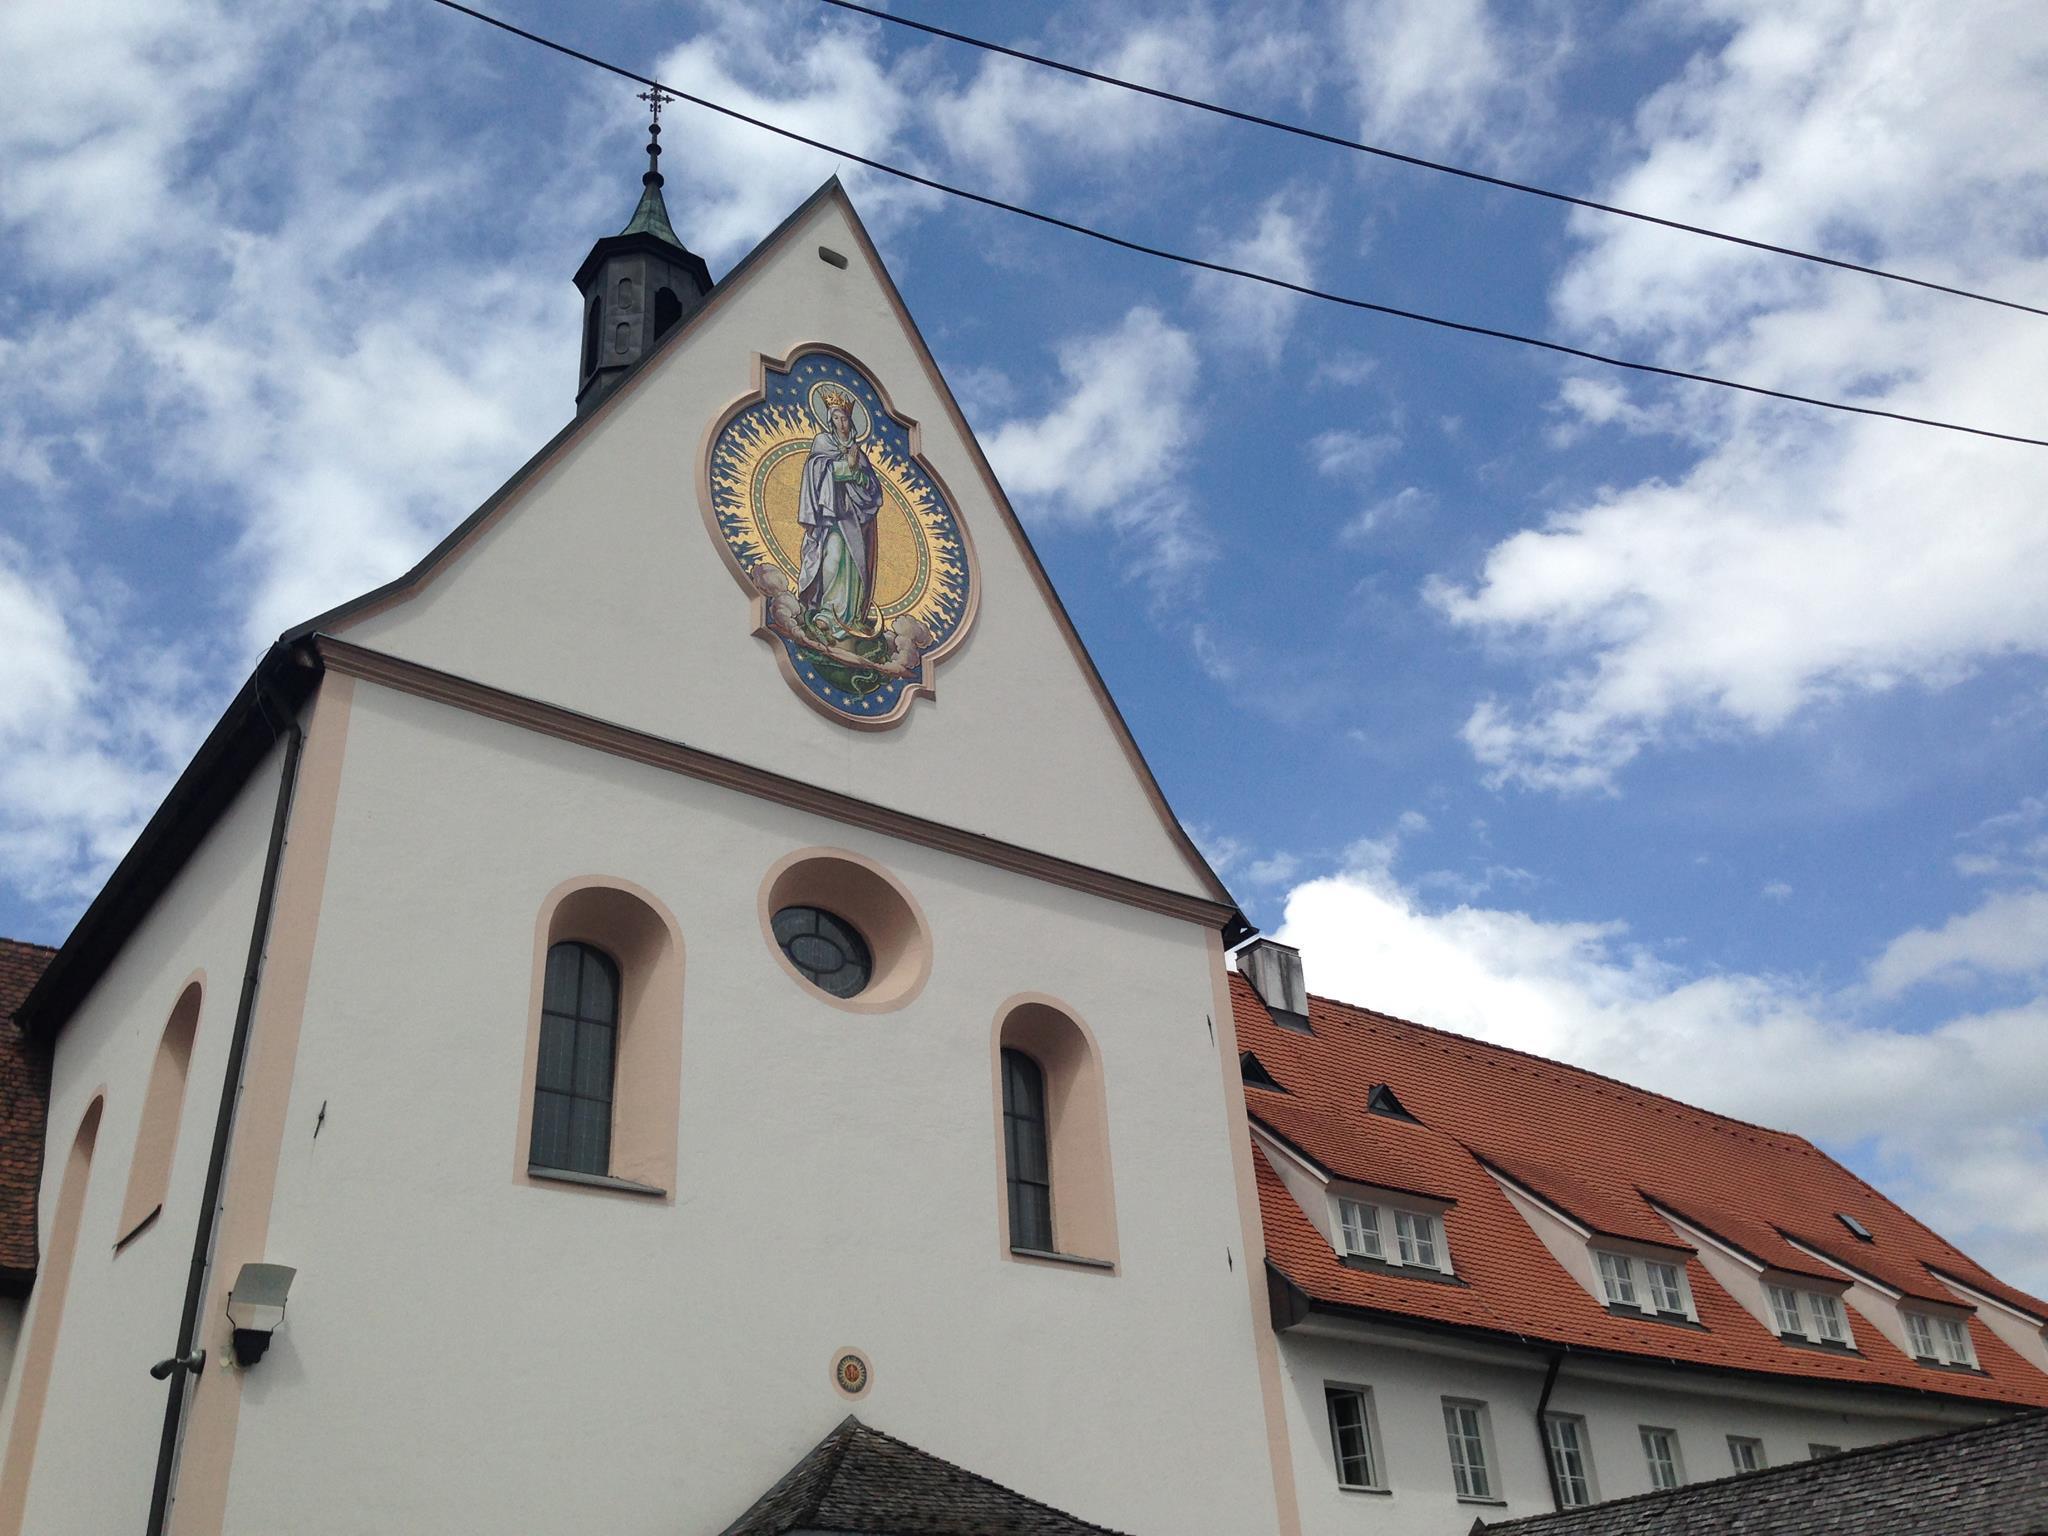 Franziskanerkloster und Franziskanerkirche